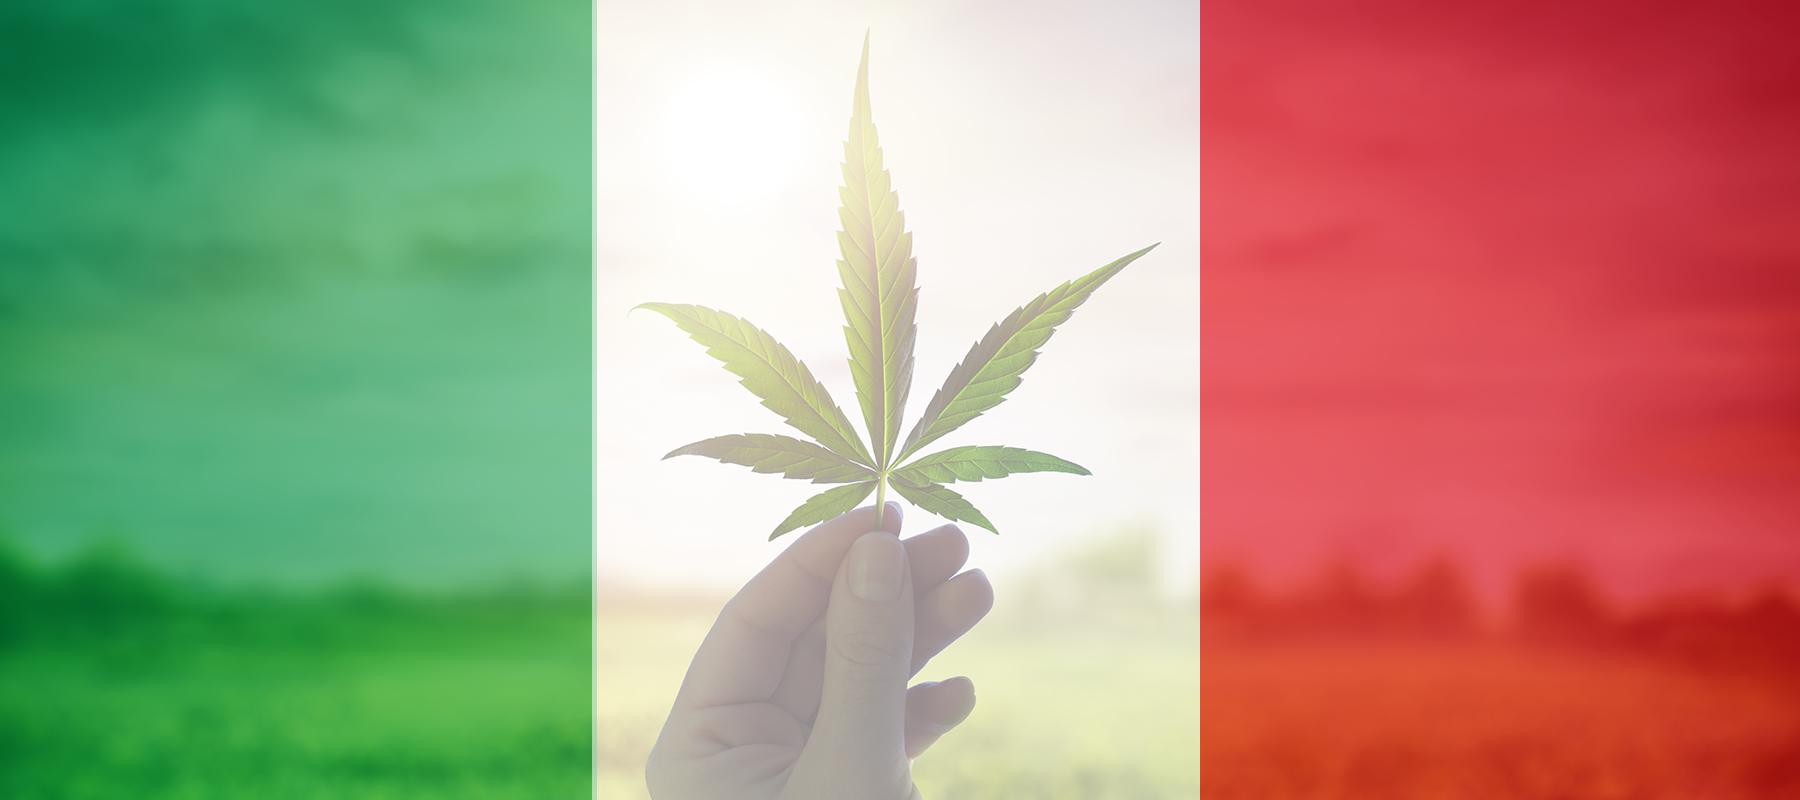 Is Hemp legal in Italy?